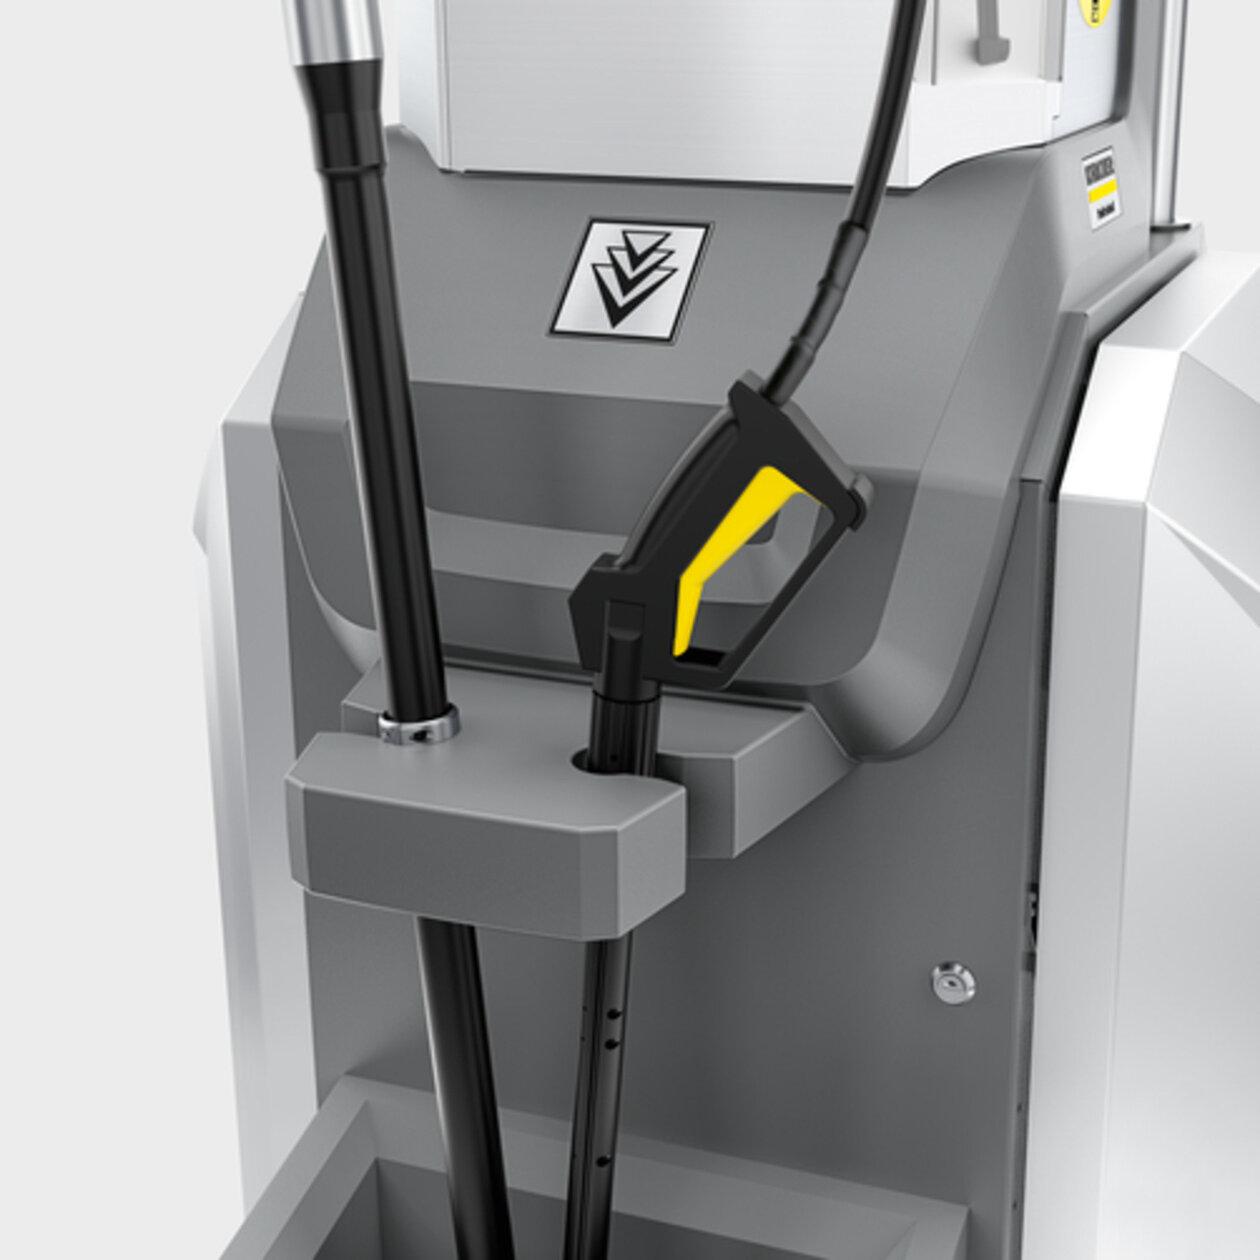 SB M2: Prihvat alata za pranje izravno na uređaju